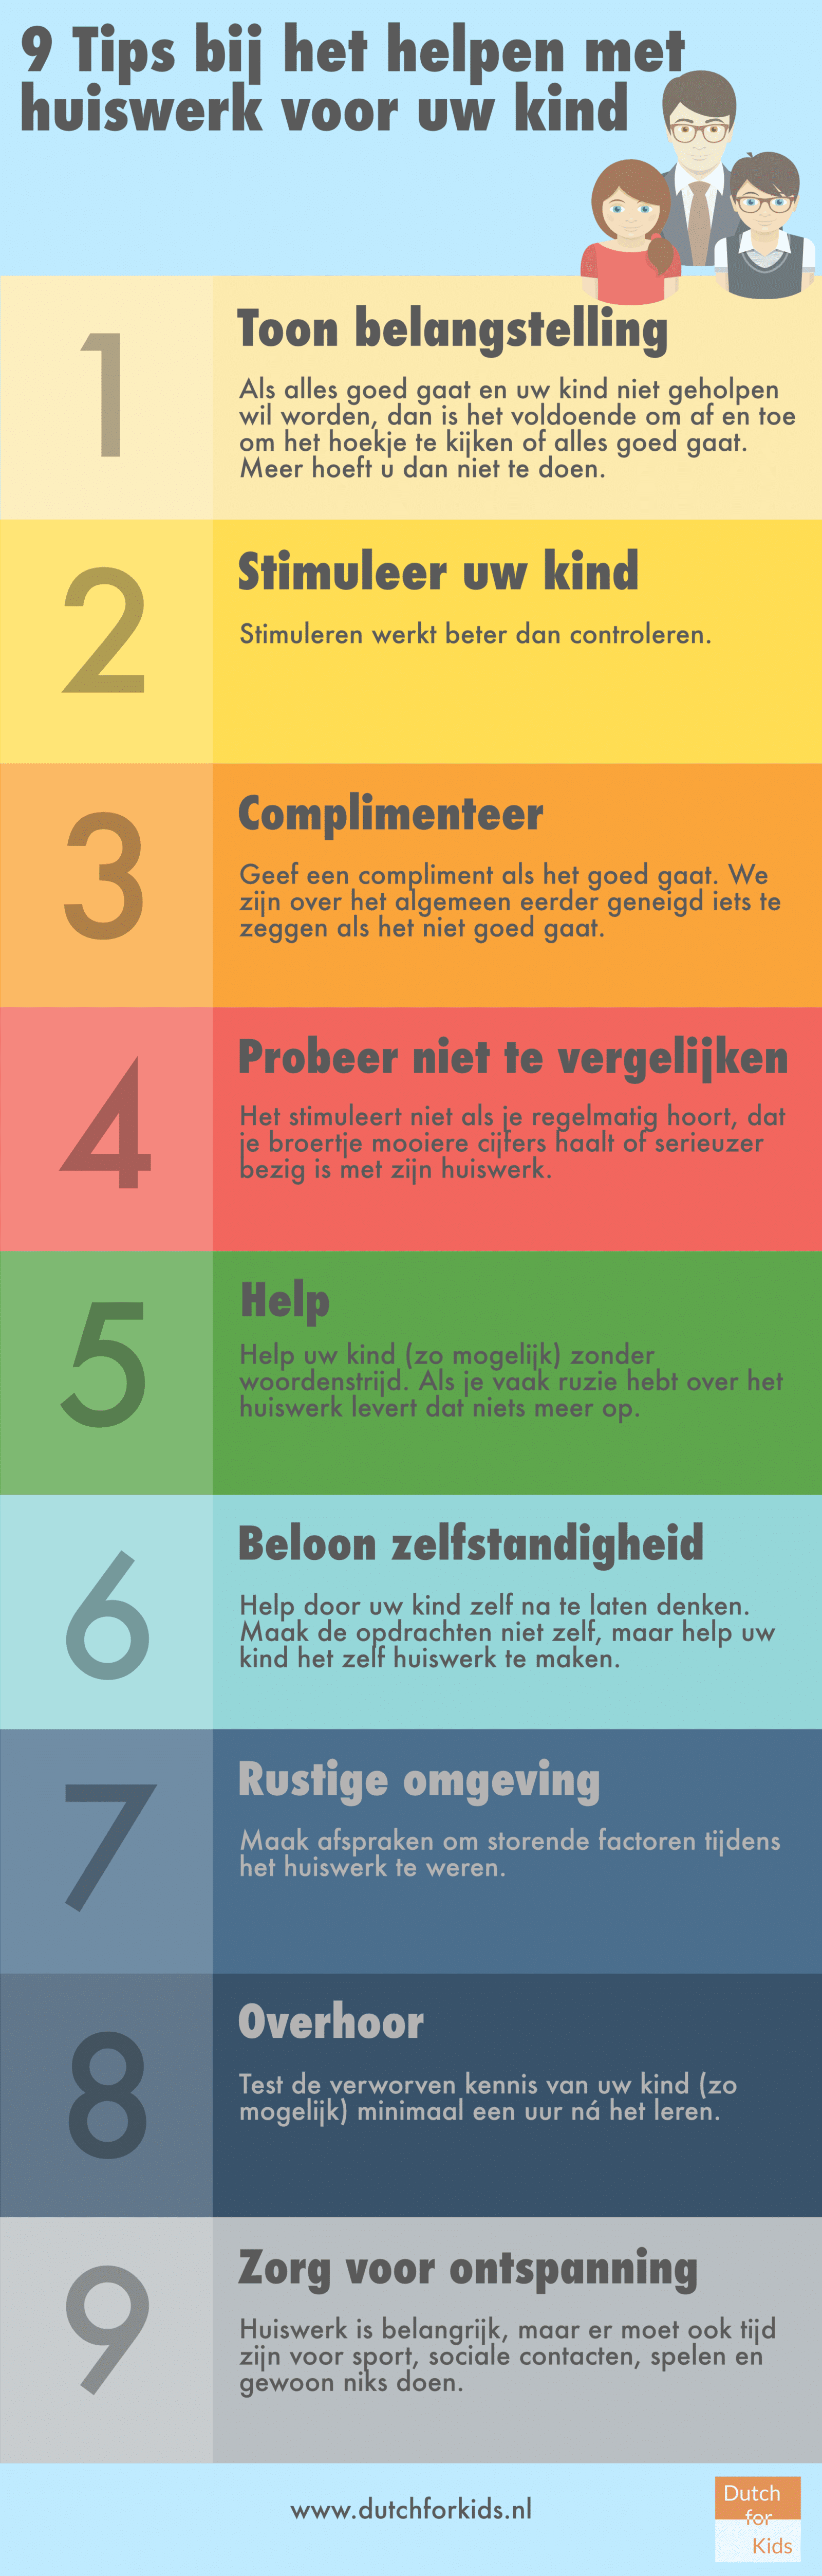 9 tips bij het helpen met huiswerk voor uw kind